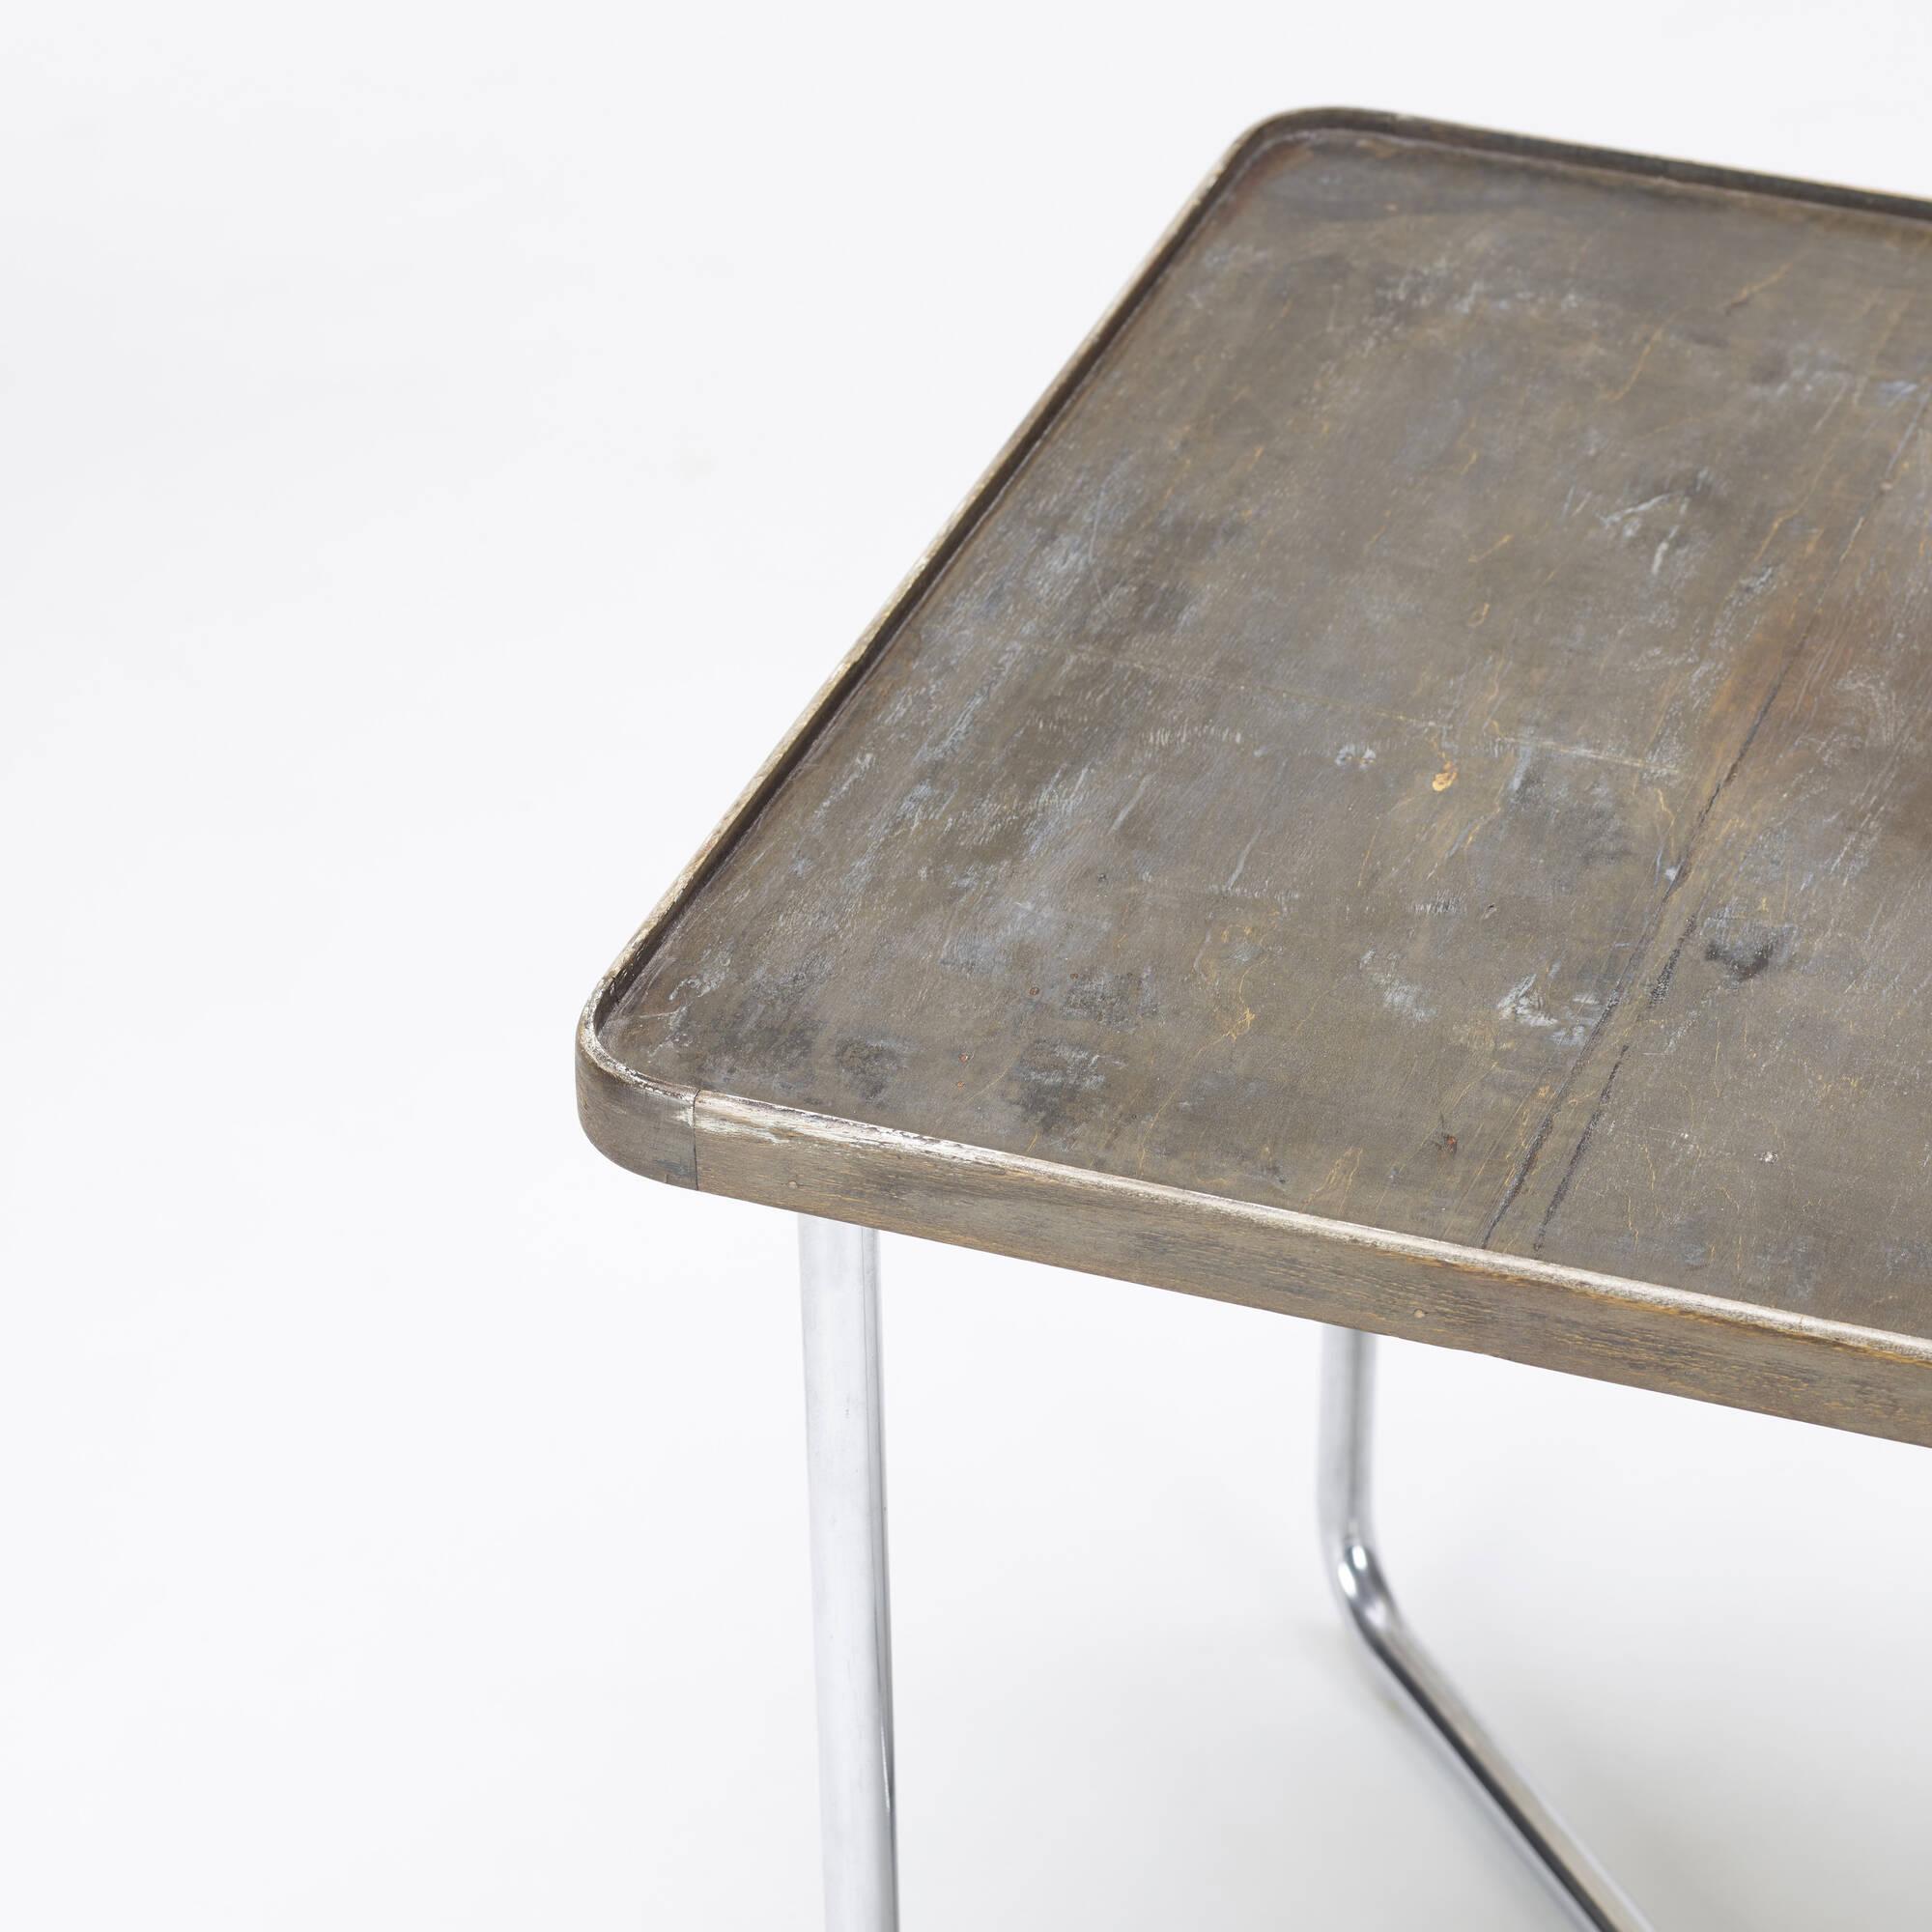 151: Desta Stahlmöbel / occasional table (3 of 3)